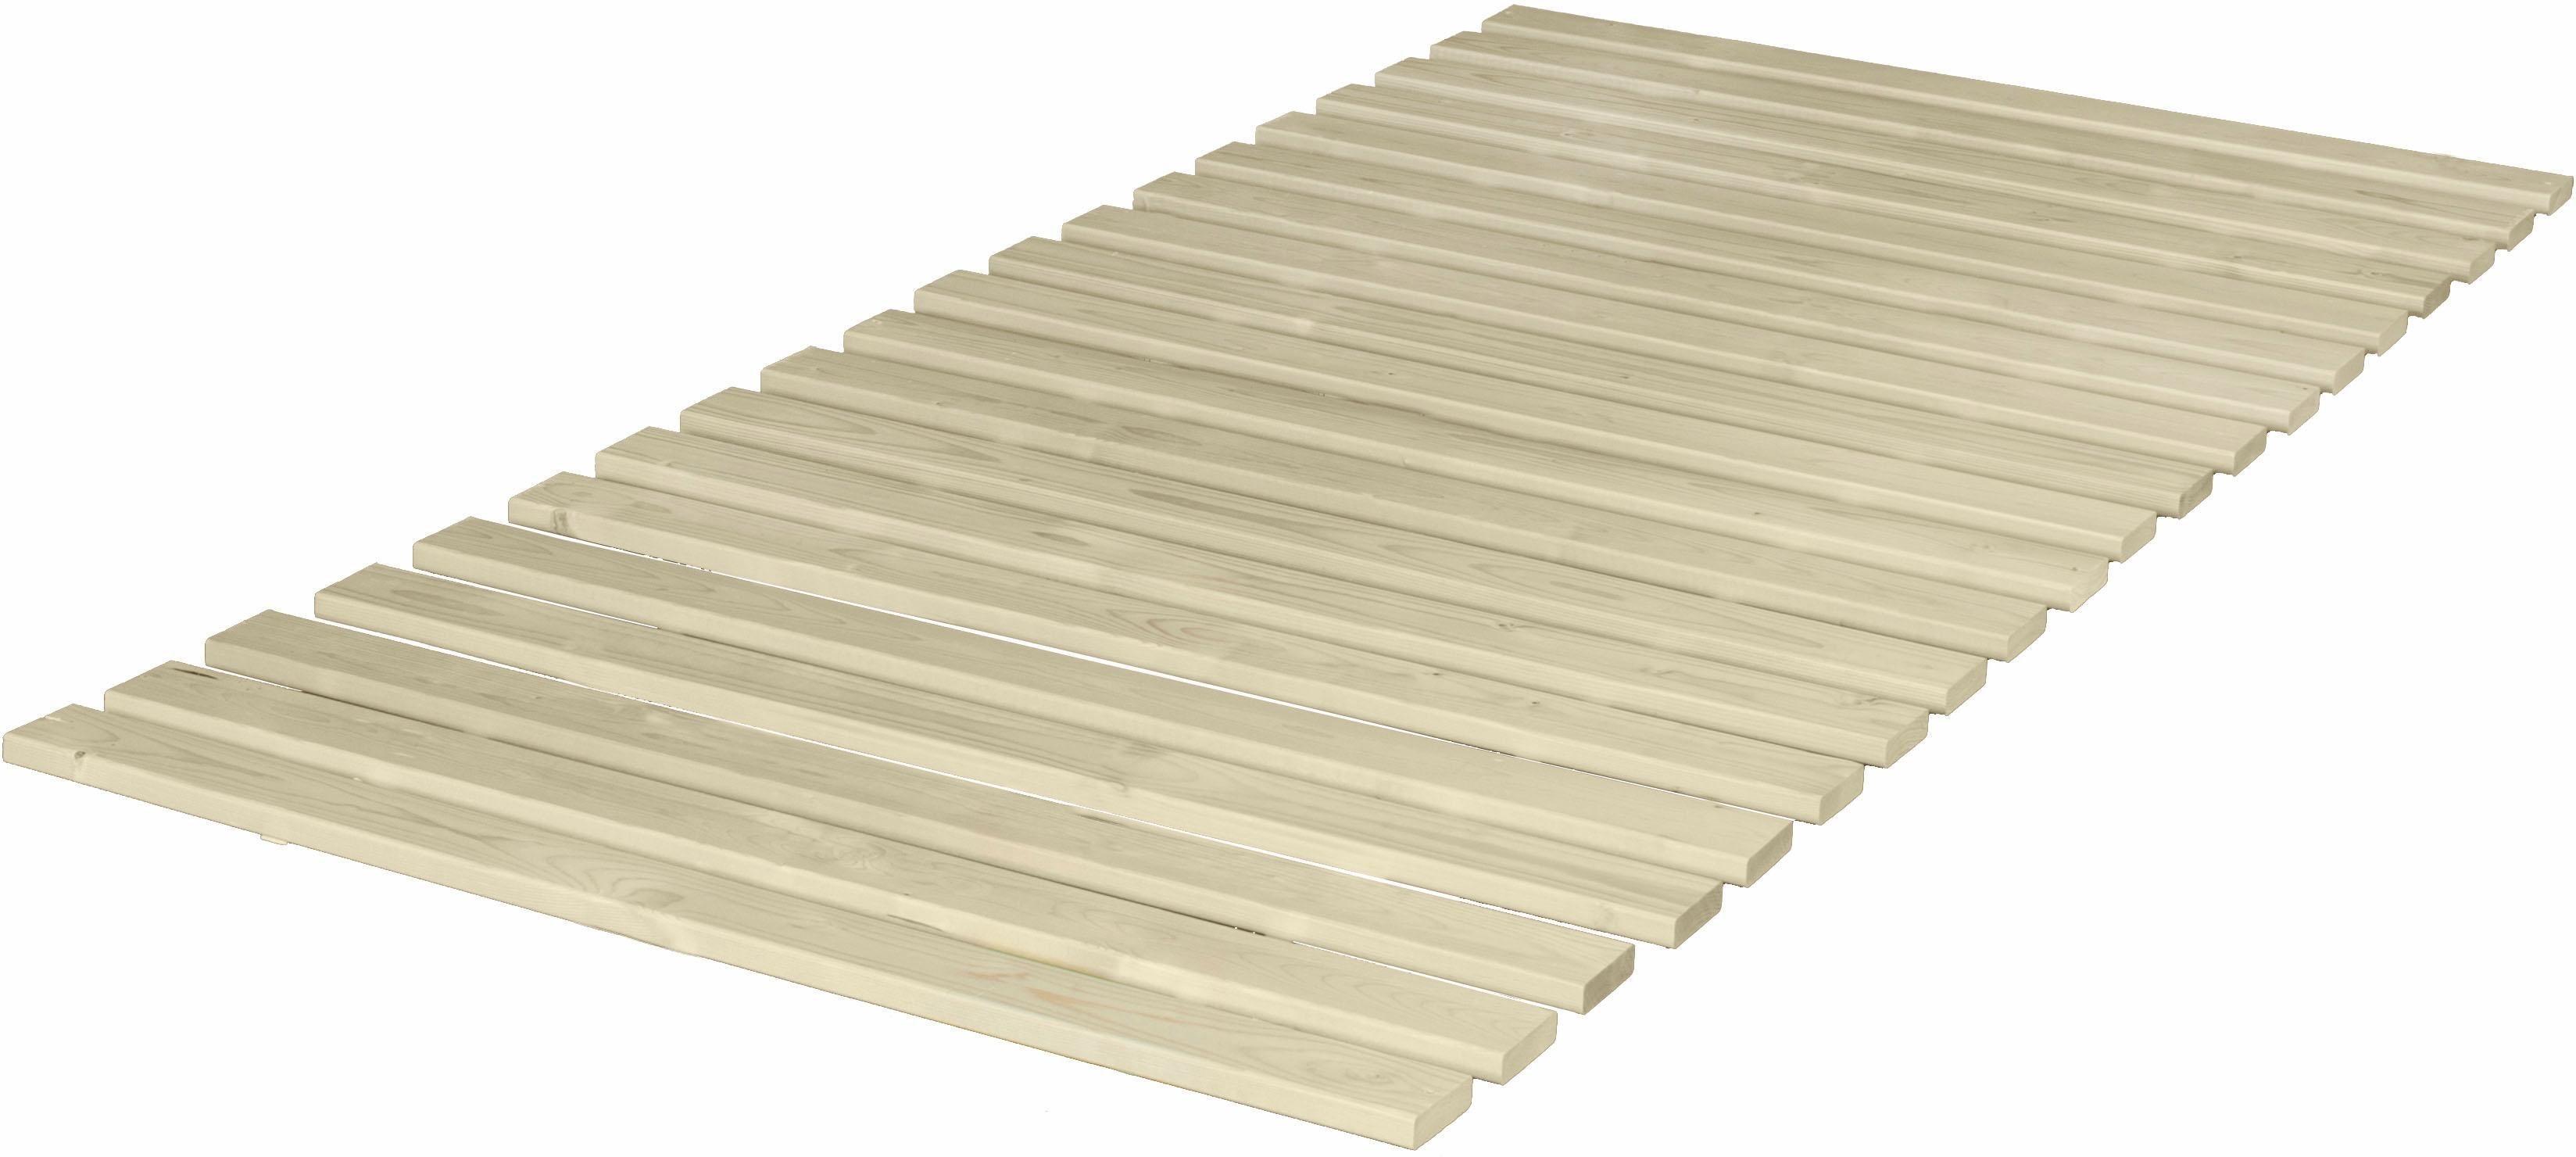 Rollrost, »Fichte«, Breckle, 20 Leisten, Kopfteil nicht verstellbar, (1-tlg) | Schlafzimmer > Lattenroste > Rollroste | Breckle